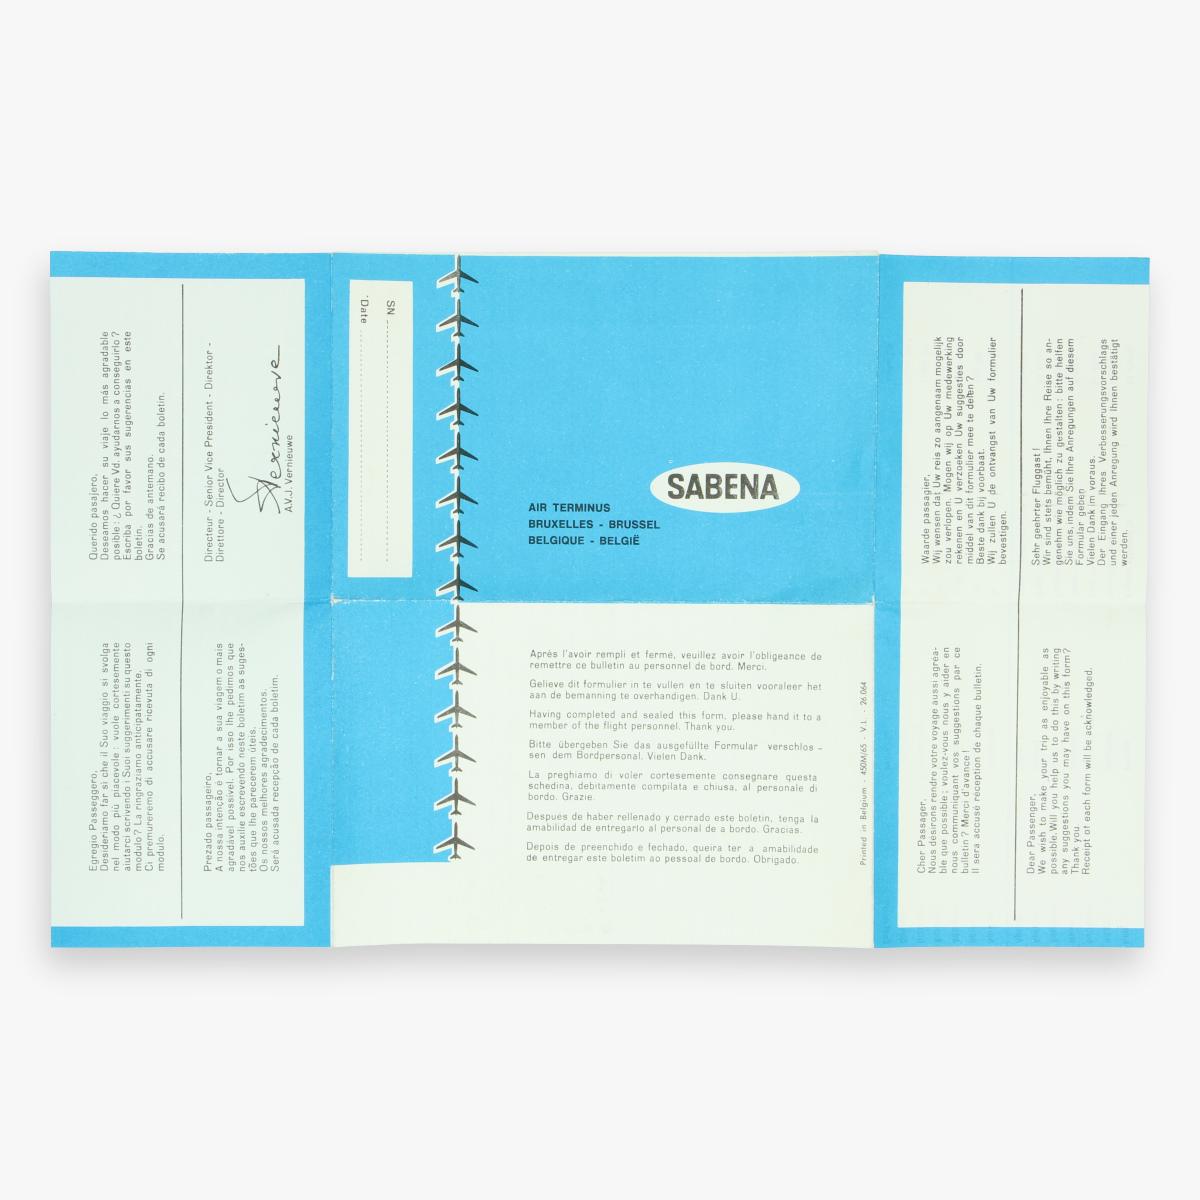 Afbeeldingen van sabena bxl gelieve dit formulier in te vullen en ete sluiten vooraleer het aan de bemanning te overhandigen. dank u